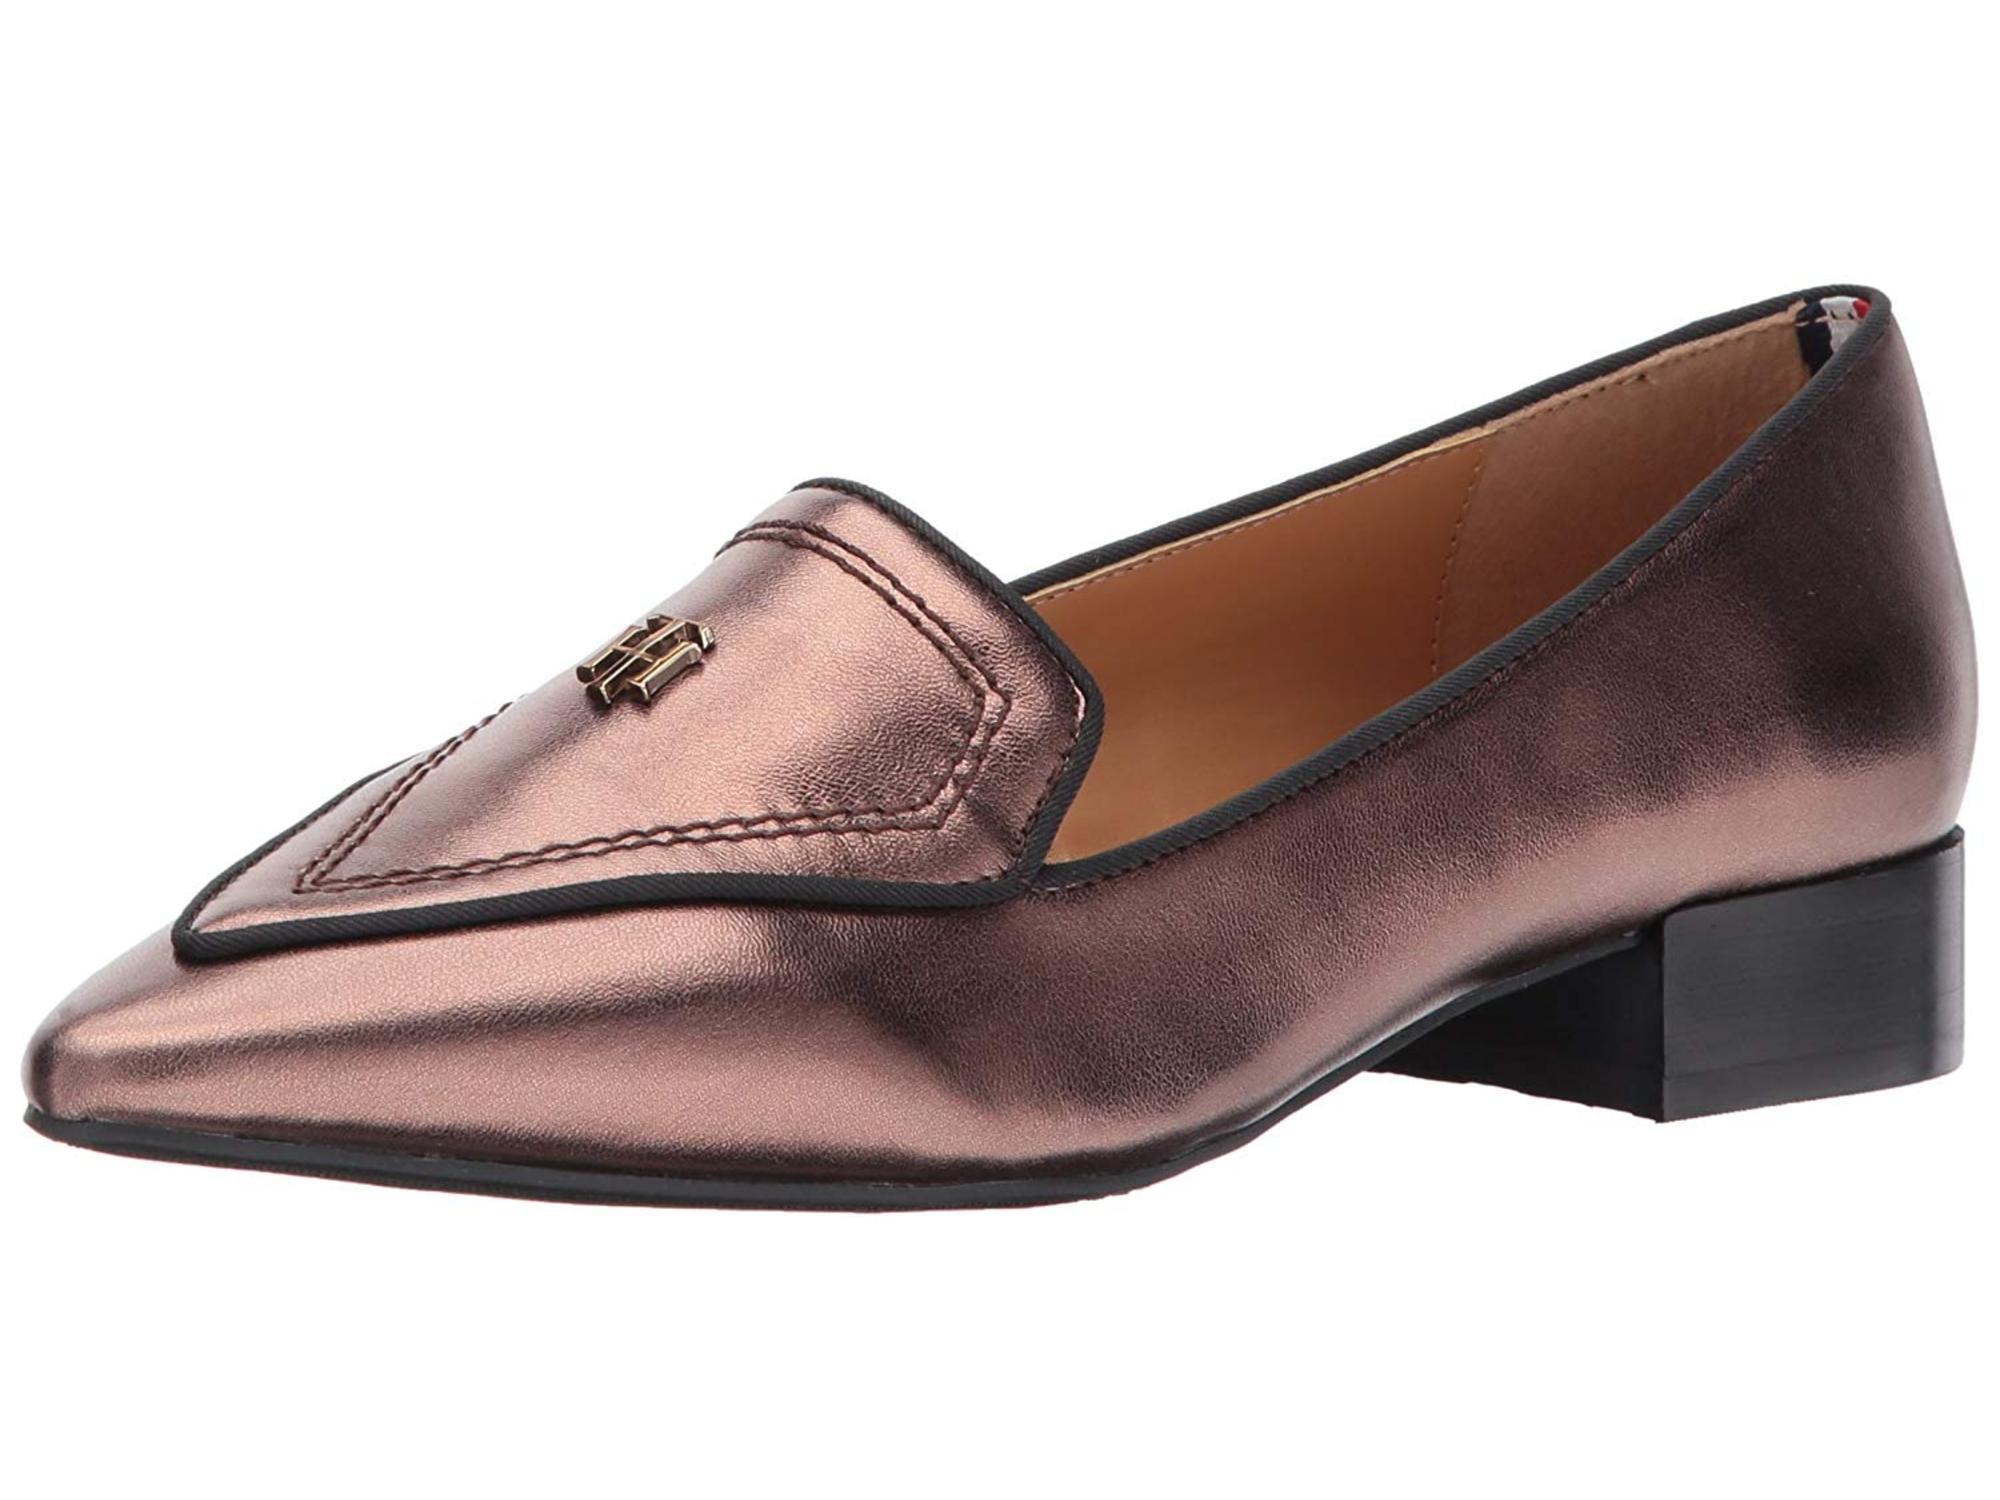 Tommy Hilfiger Damenschuhe Leder Harvard Leder Damenschuhe Pointed Toe Loafers cc06cd